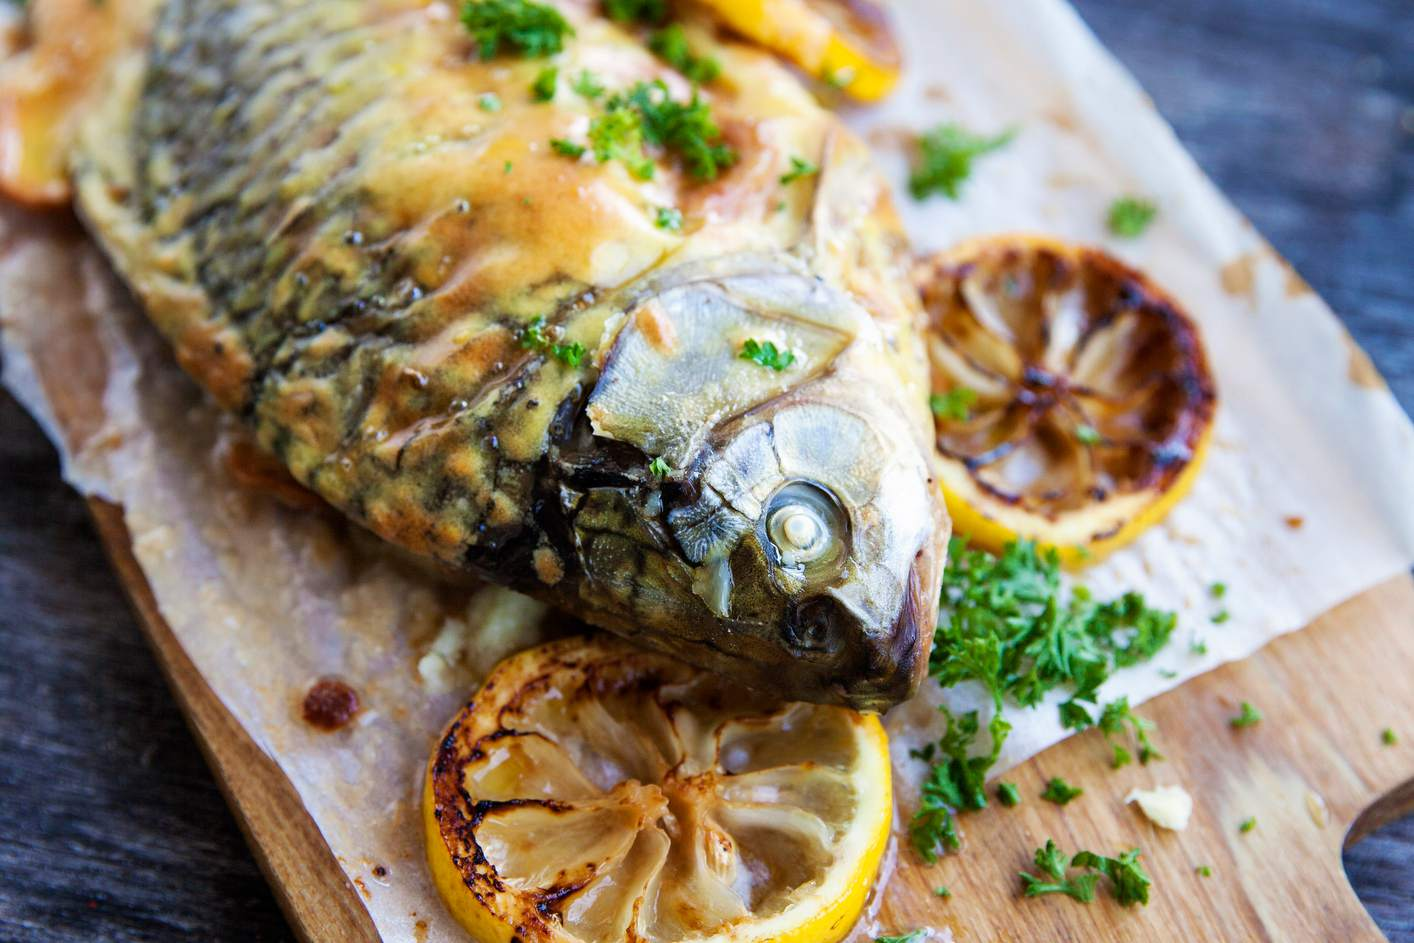 Baked carp